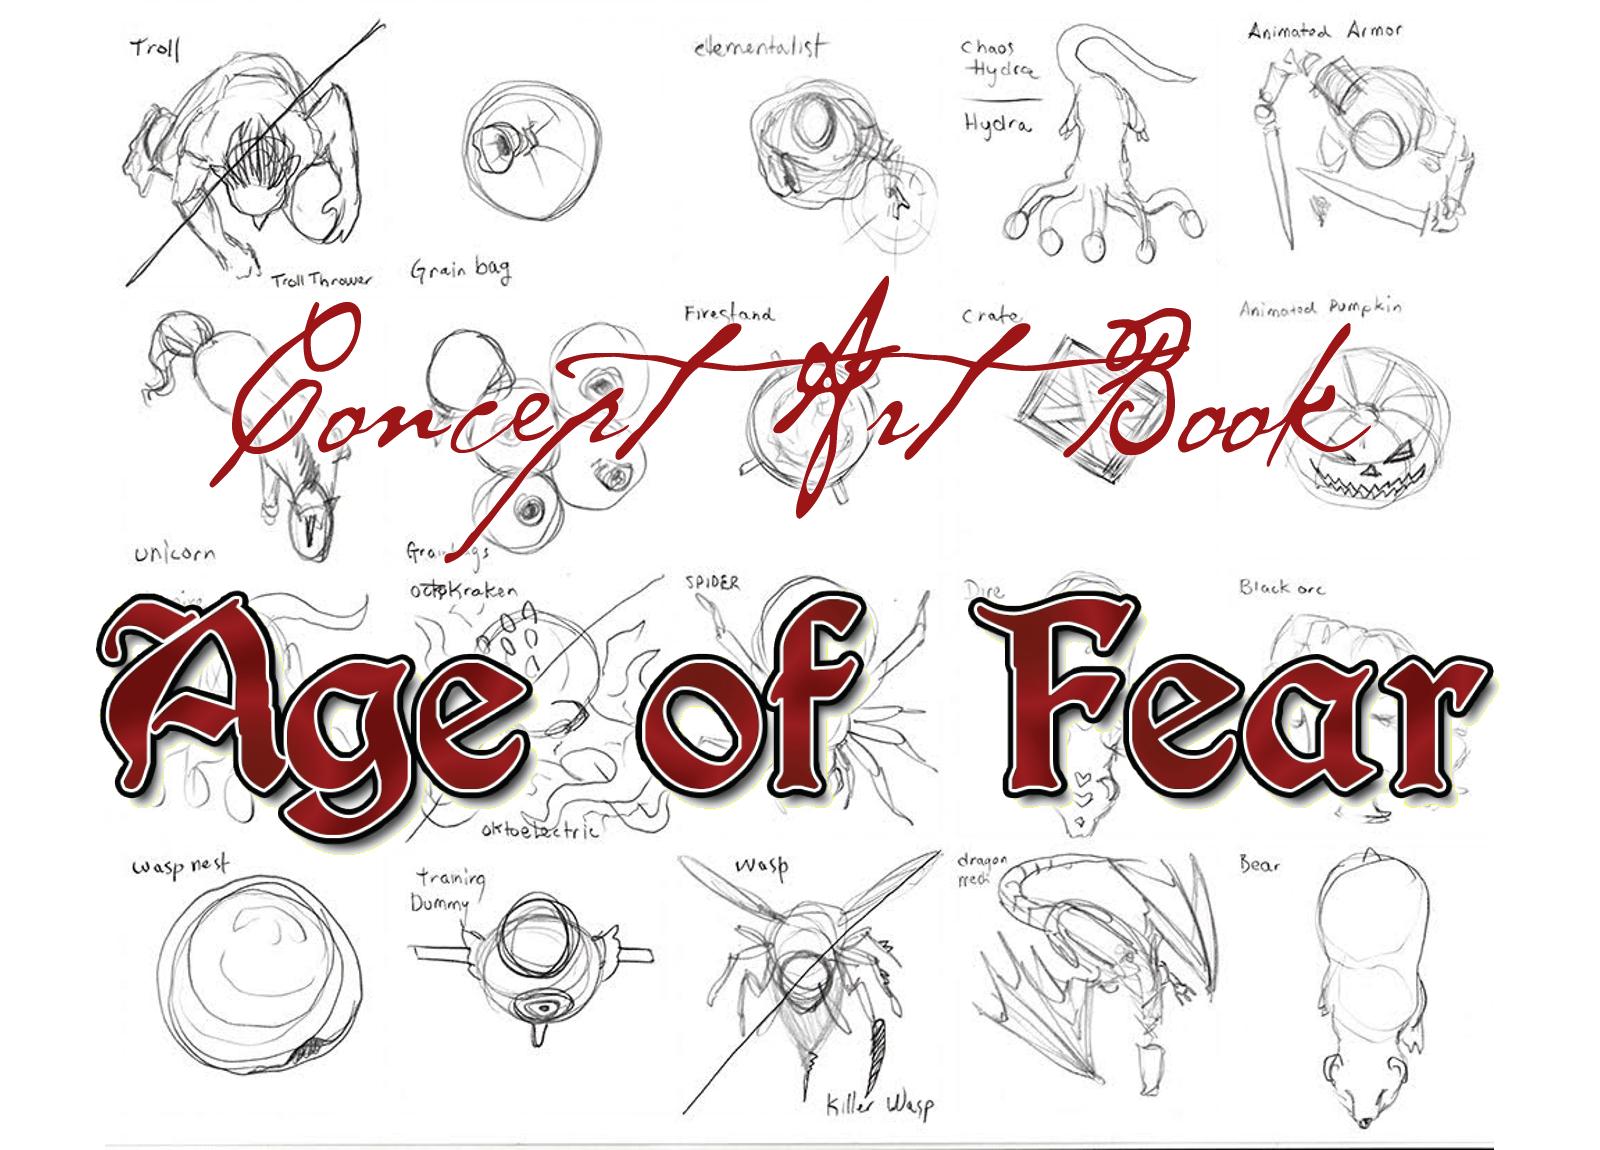 Age of Fear: Concept Art Book screenshot